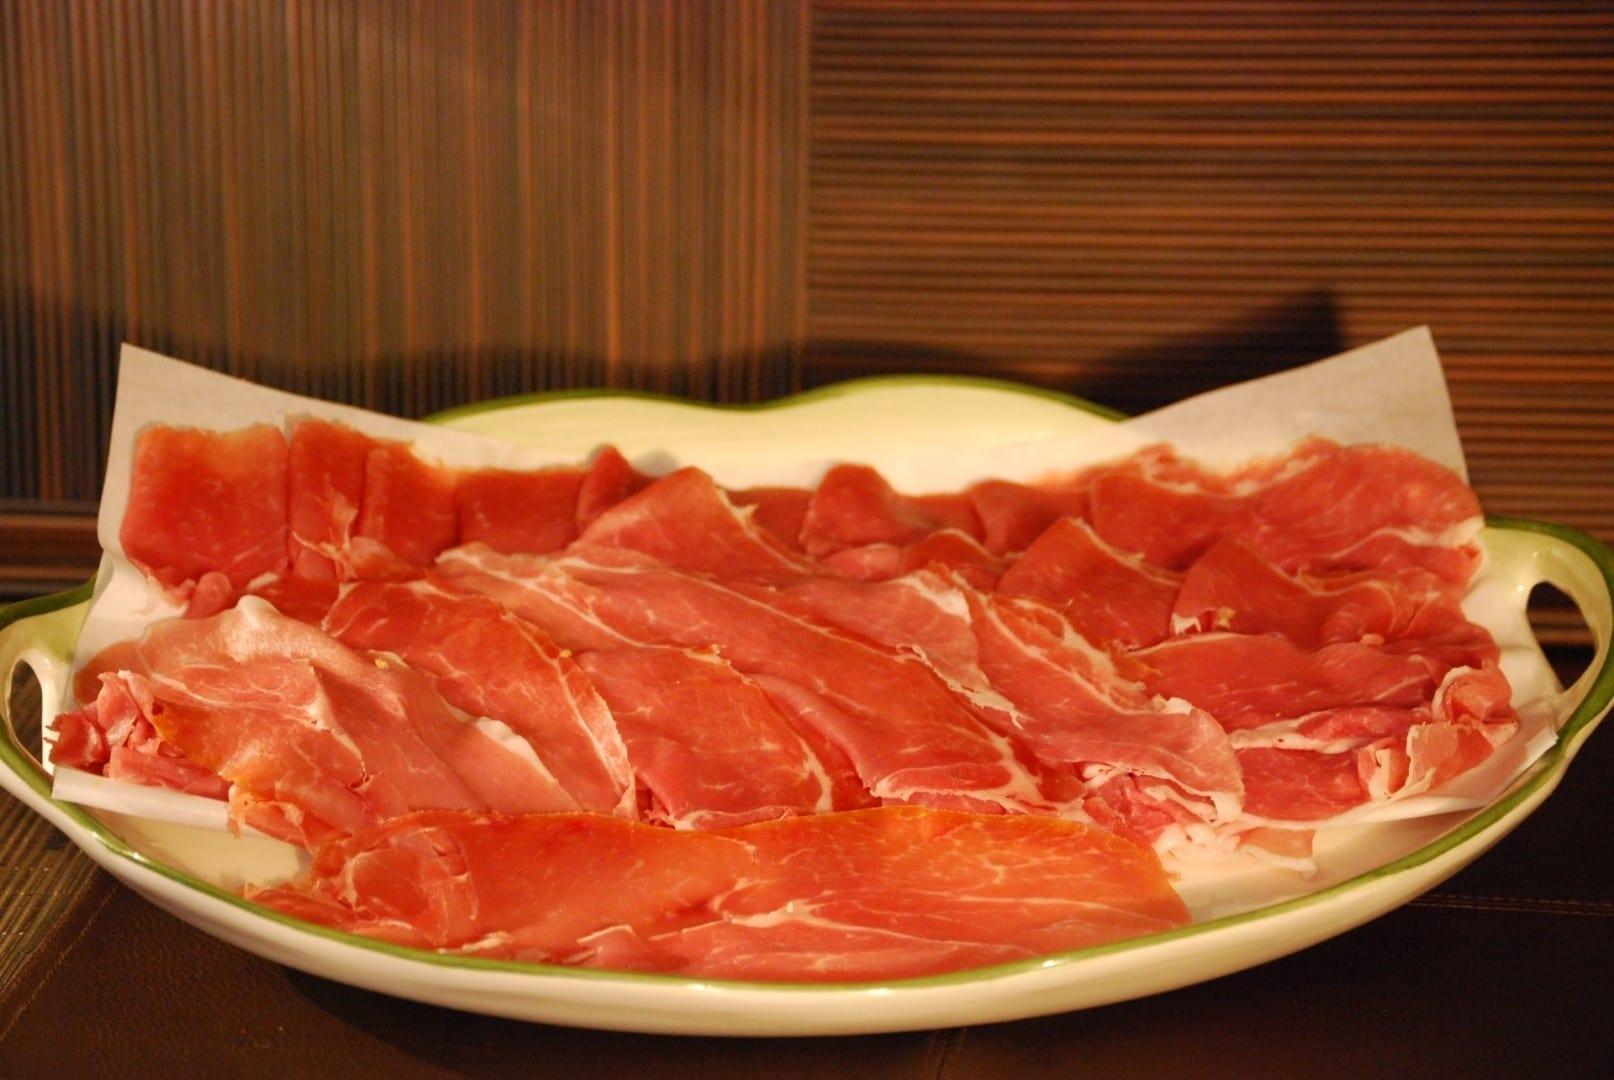 El jamón de Parma, uno de los alimentos que hizo famosa a Parma Parma Italia